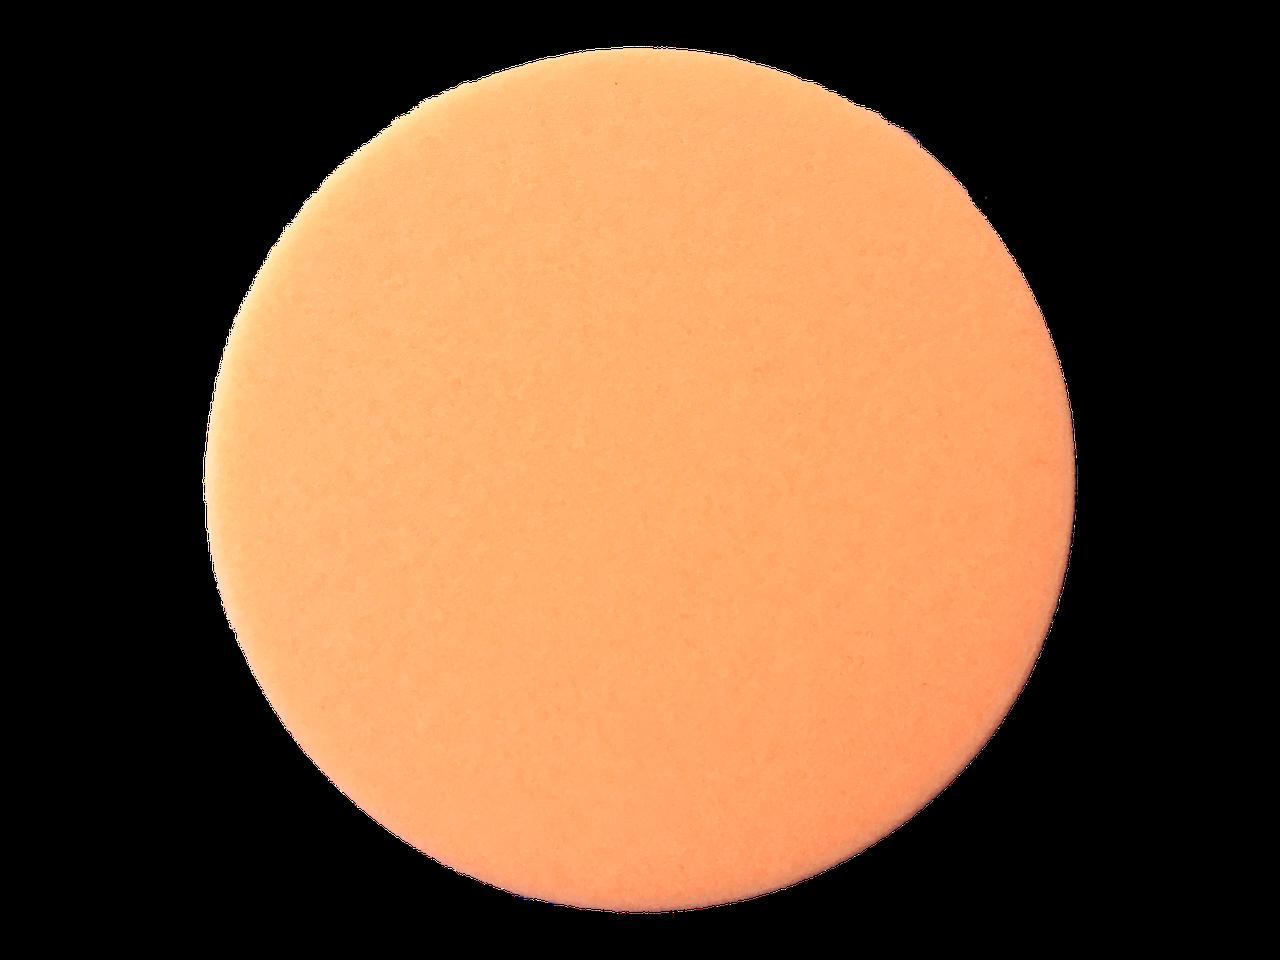 Полірувальний круг середньої жорсткості - New Concept Soft Orange 133 мм помаранчевий (NC-10011)